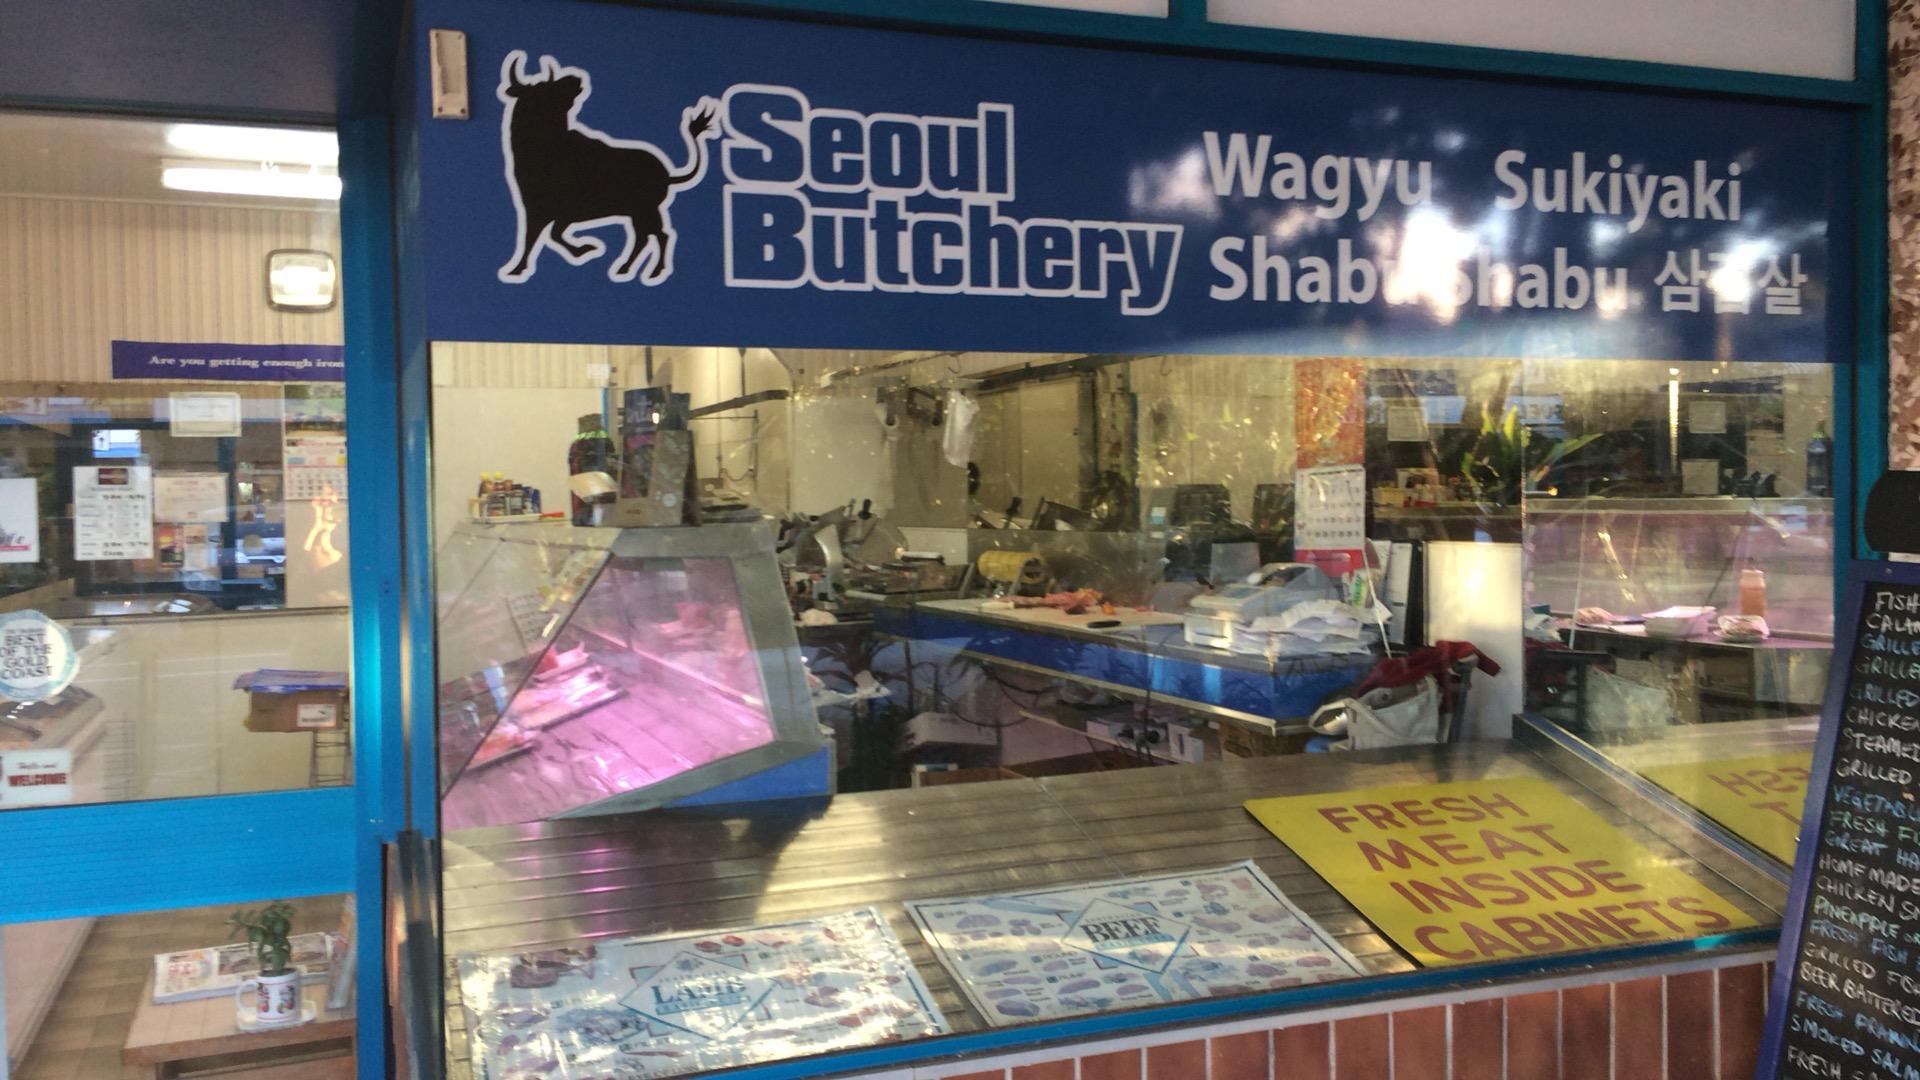 ゴールドコーストの日本人経営のお肉屋さん